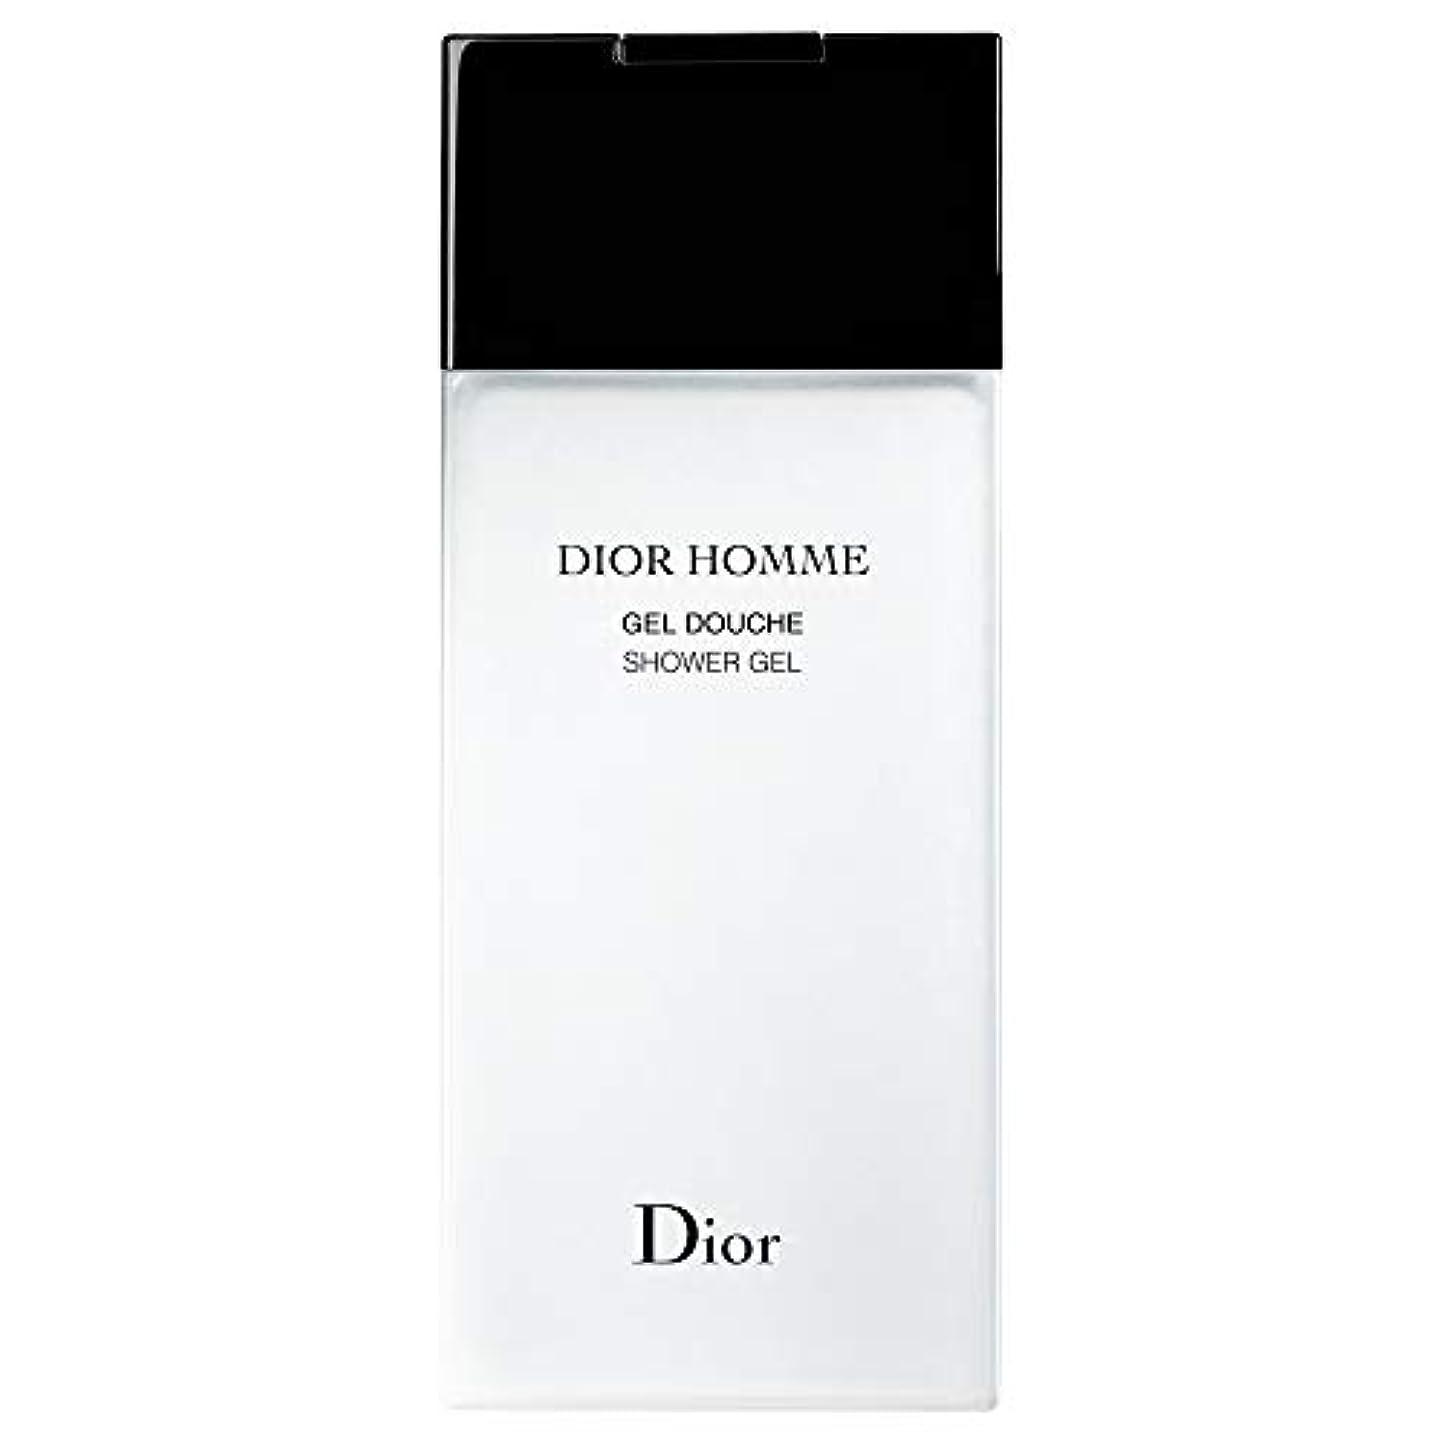 ラテン悪のチャンピオンシップ[Dior] ディオールオムシャワージェル200Ml - Dior Homme Shower Gel 200ml [並行輸入品]